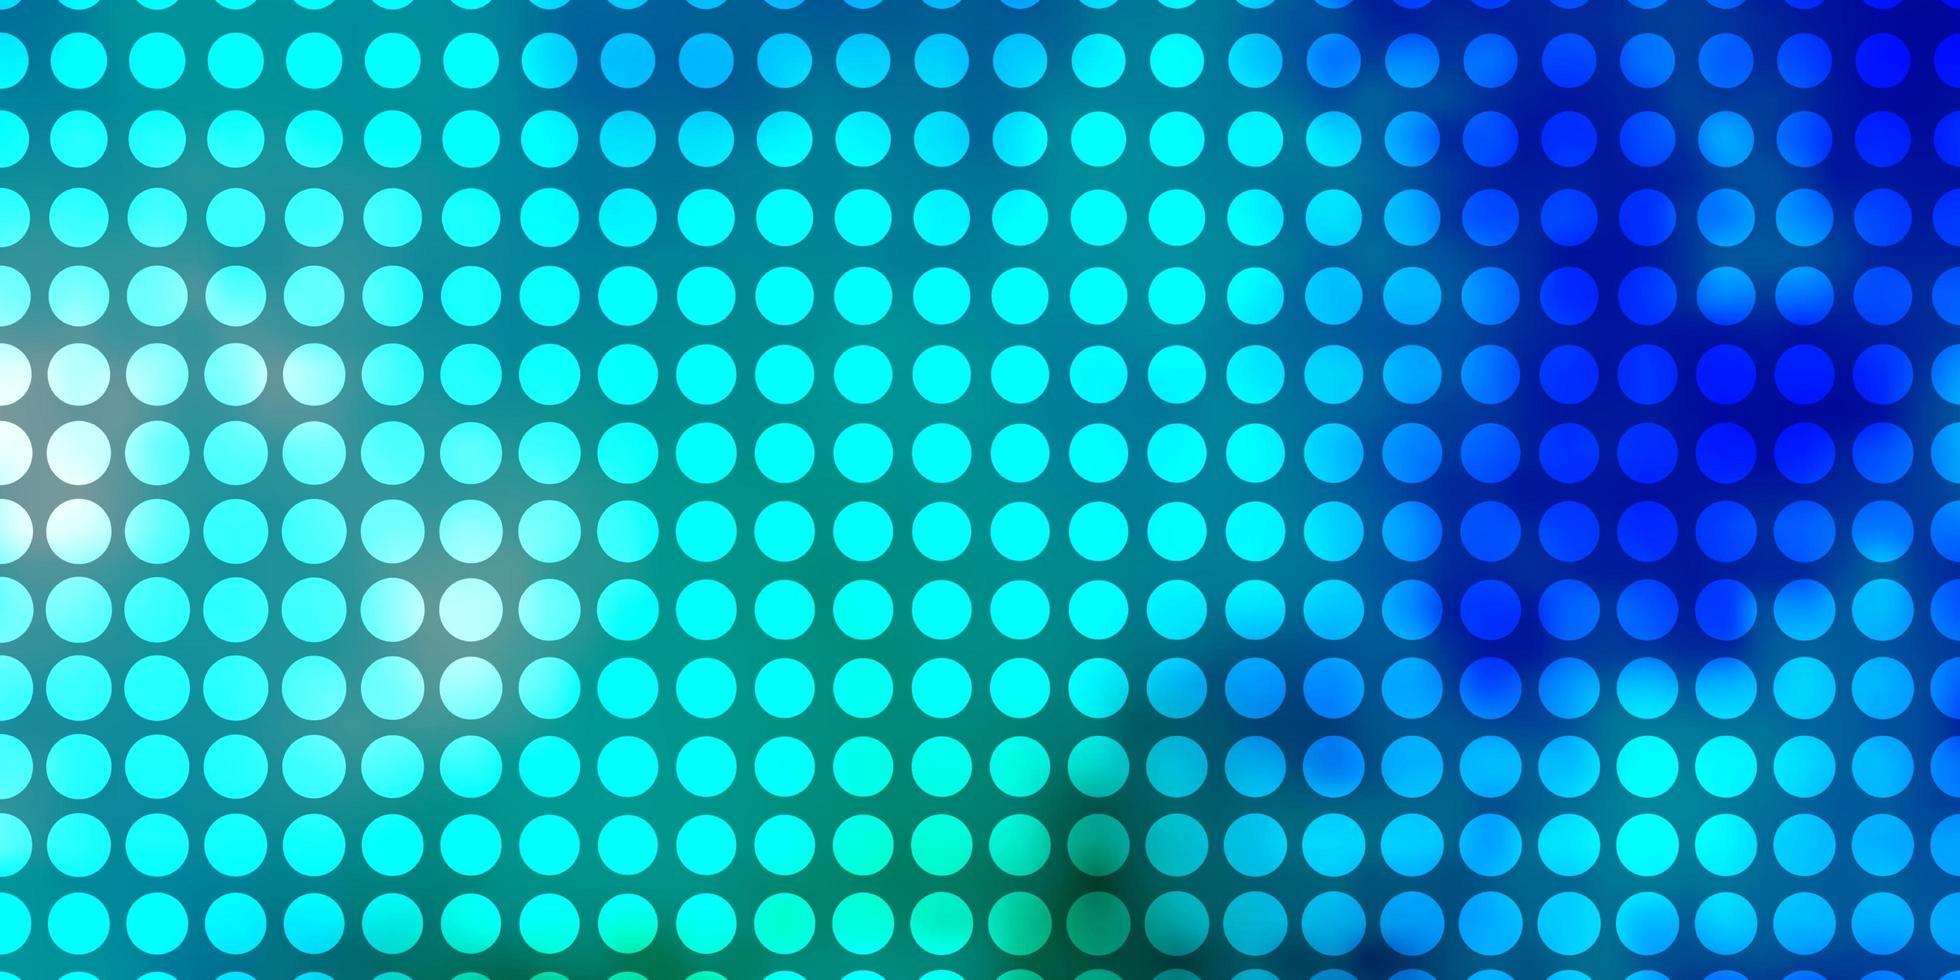 blått och grönt mönster med cirklar. vektor